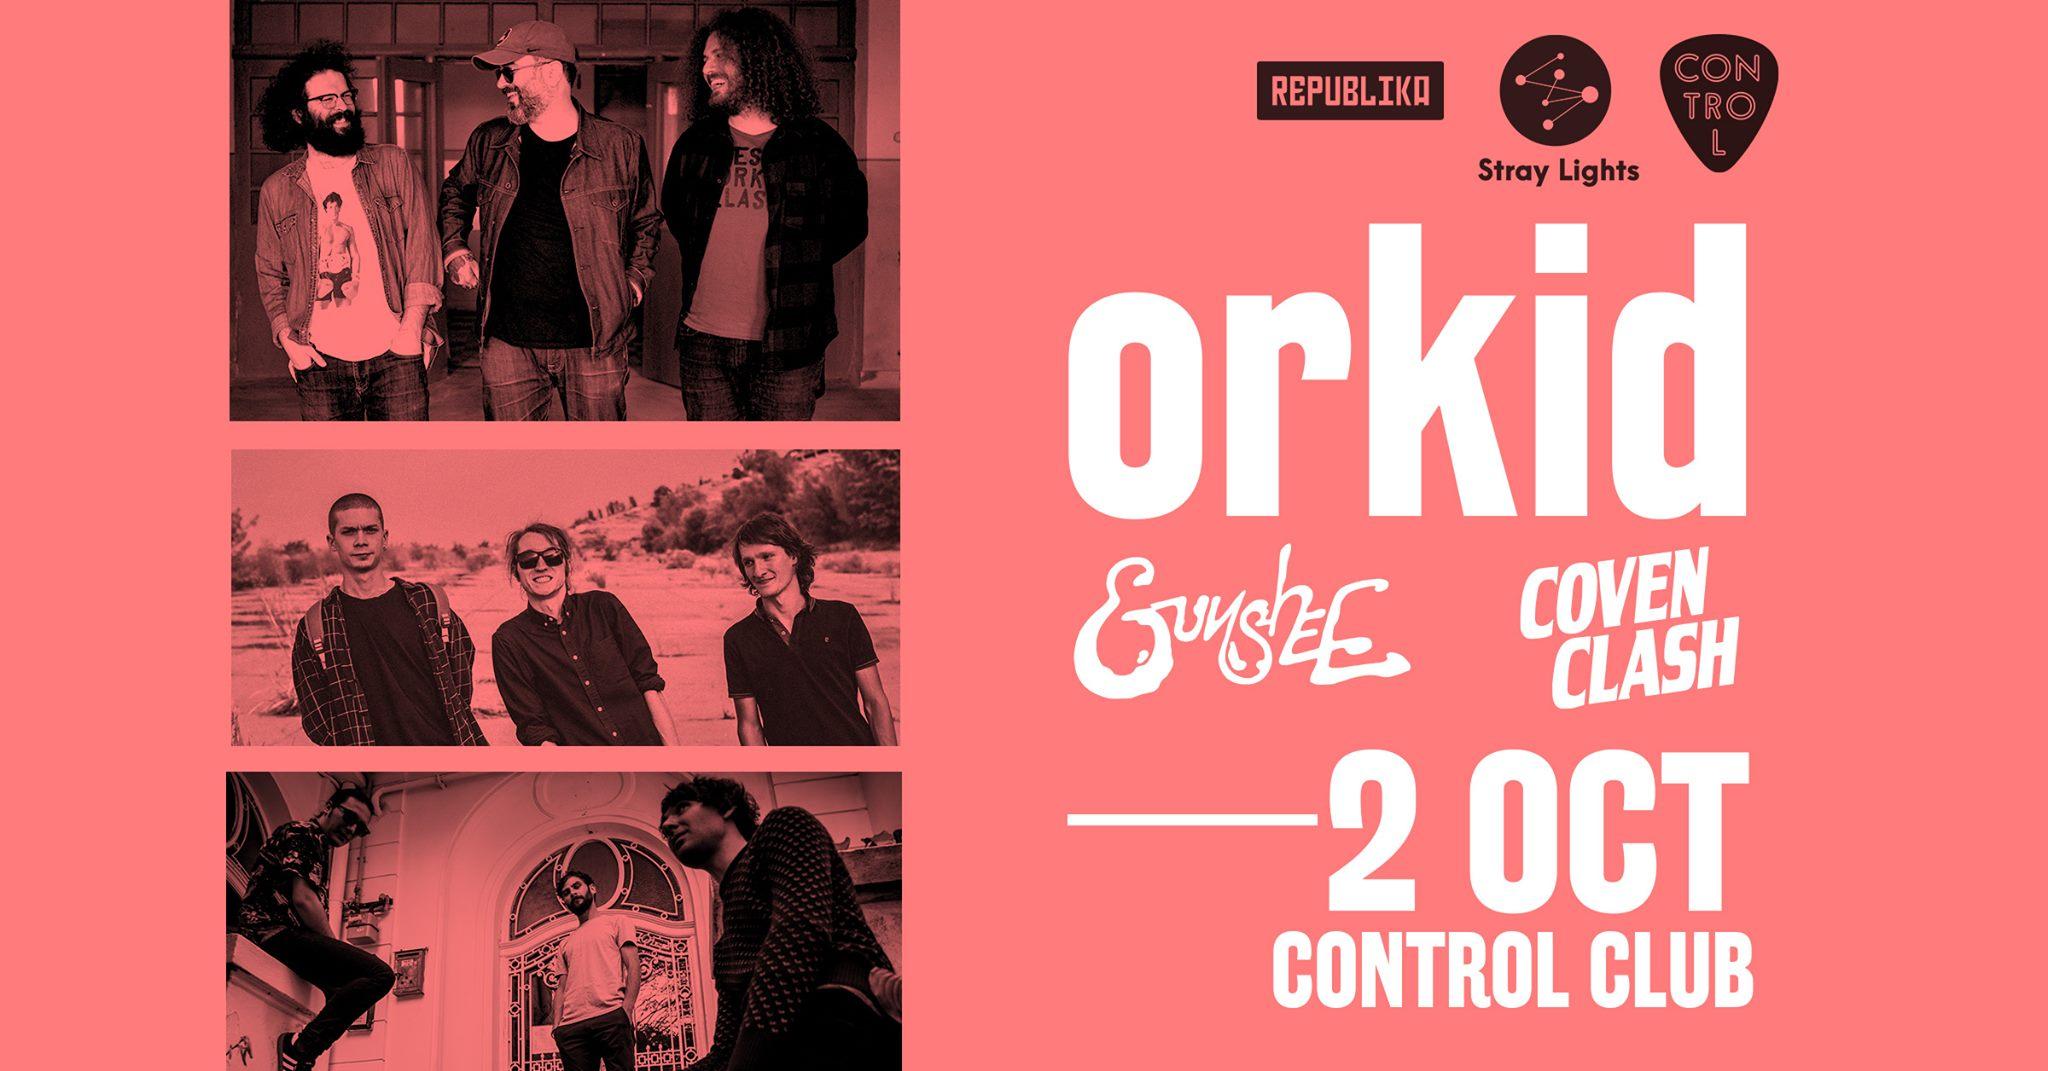 Trupa ORKID își lansează într-un concert primul single de pe viitorul album. Gunshee și Coven Clash, în deschidere